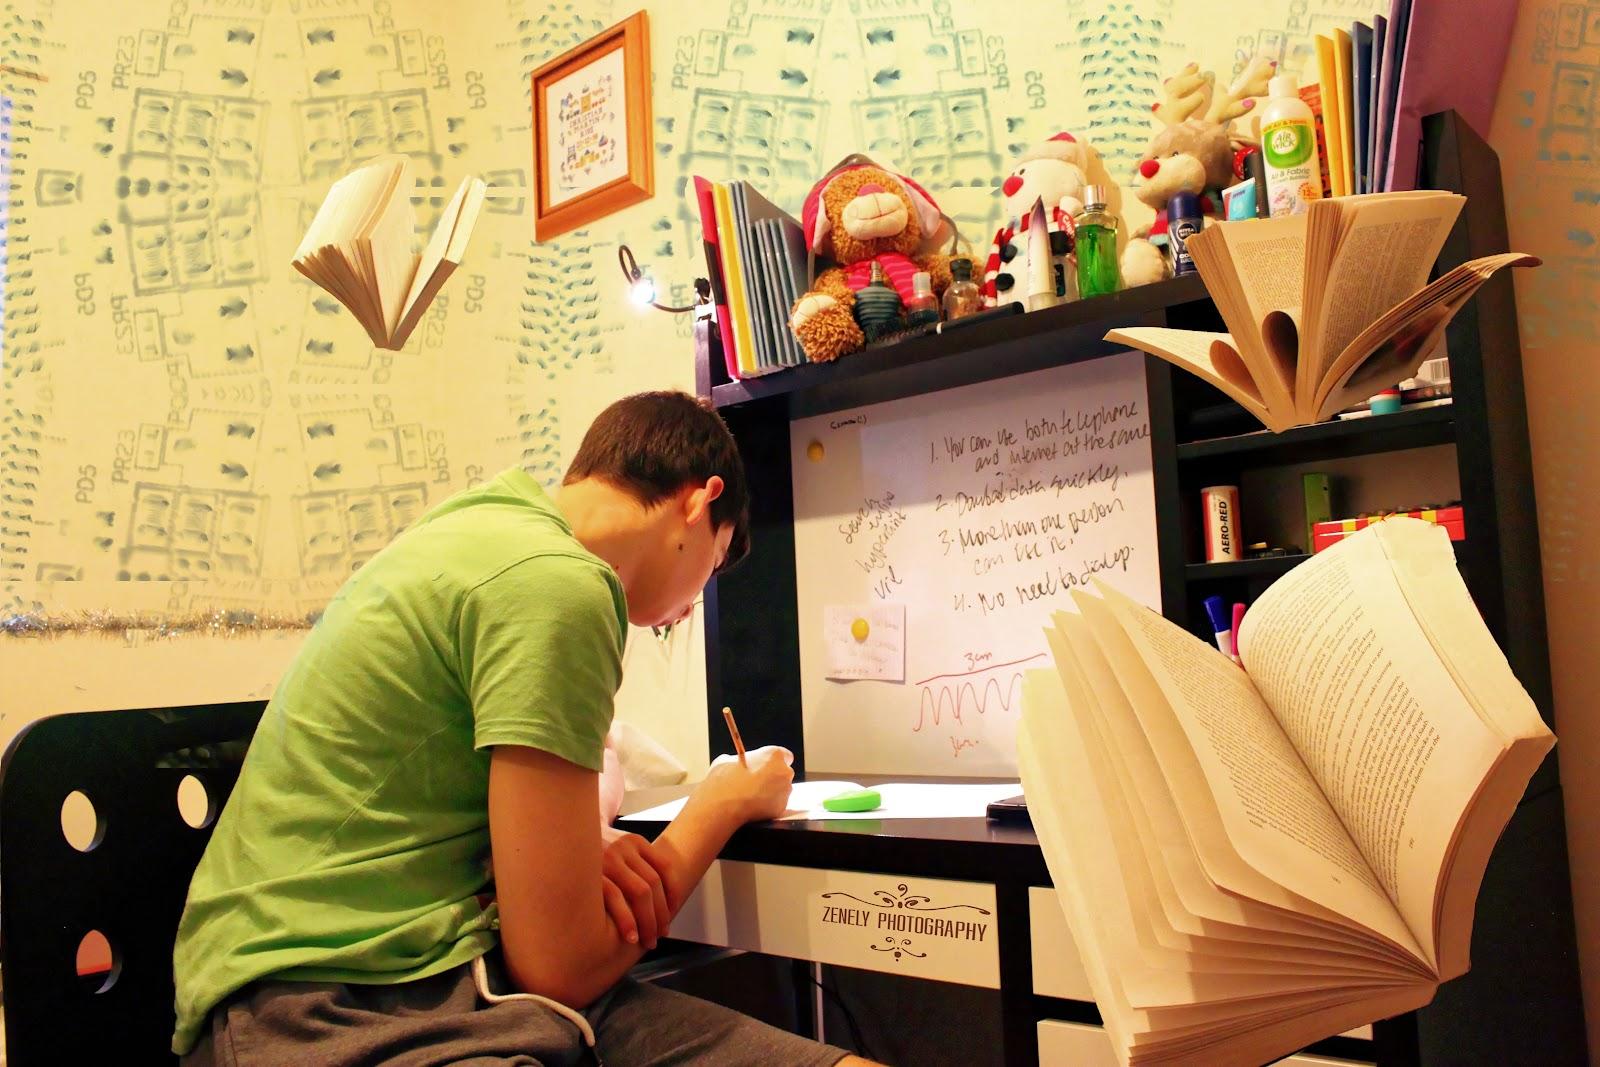 أهم 5 تحديات للدراسة في الخارج والتغلب عليها